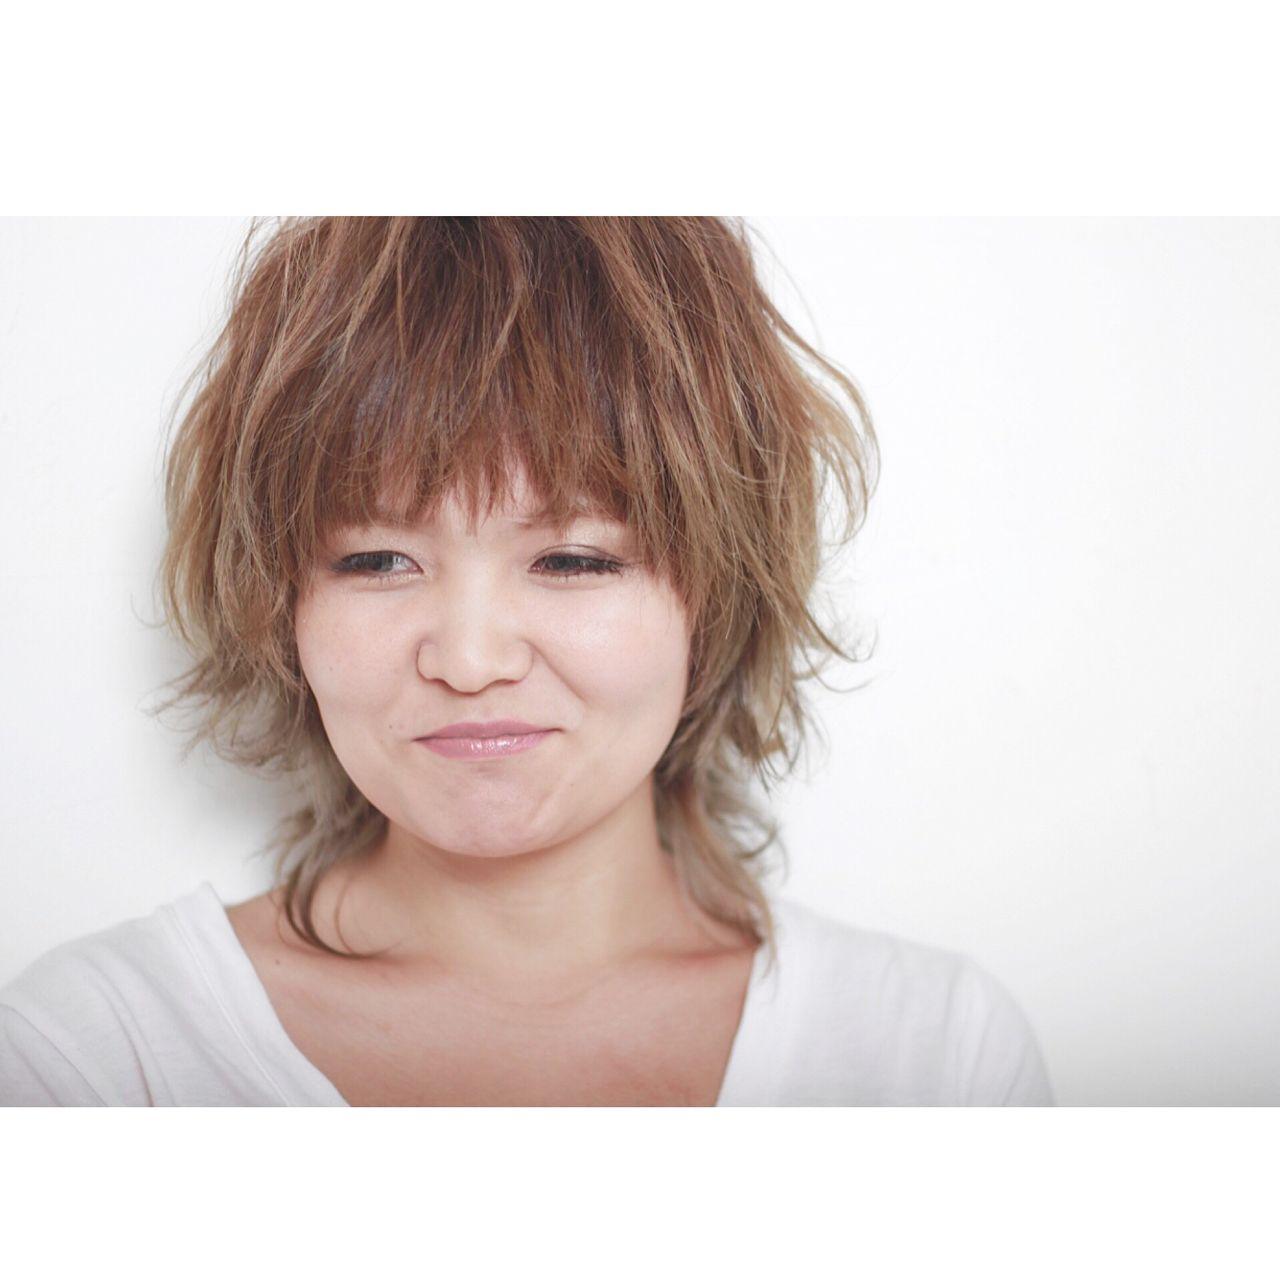 マッシュ ウルフカット ショート 外国人風 ヘアスタイルや髪型の写真・画像